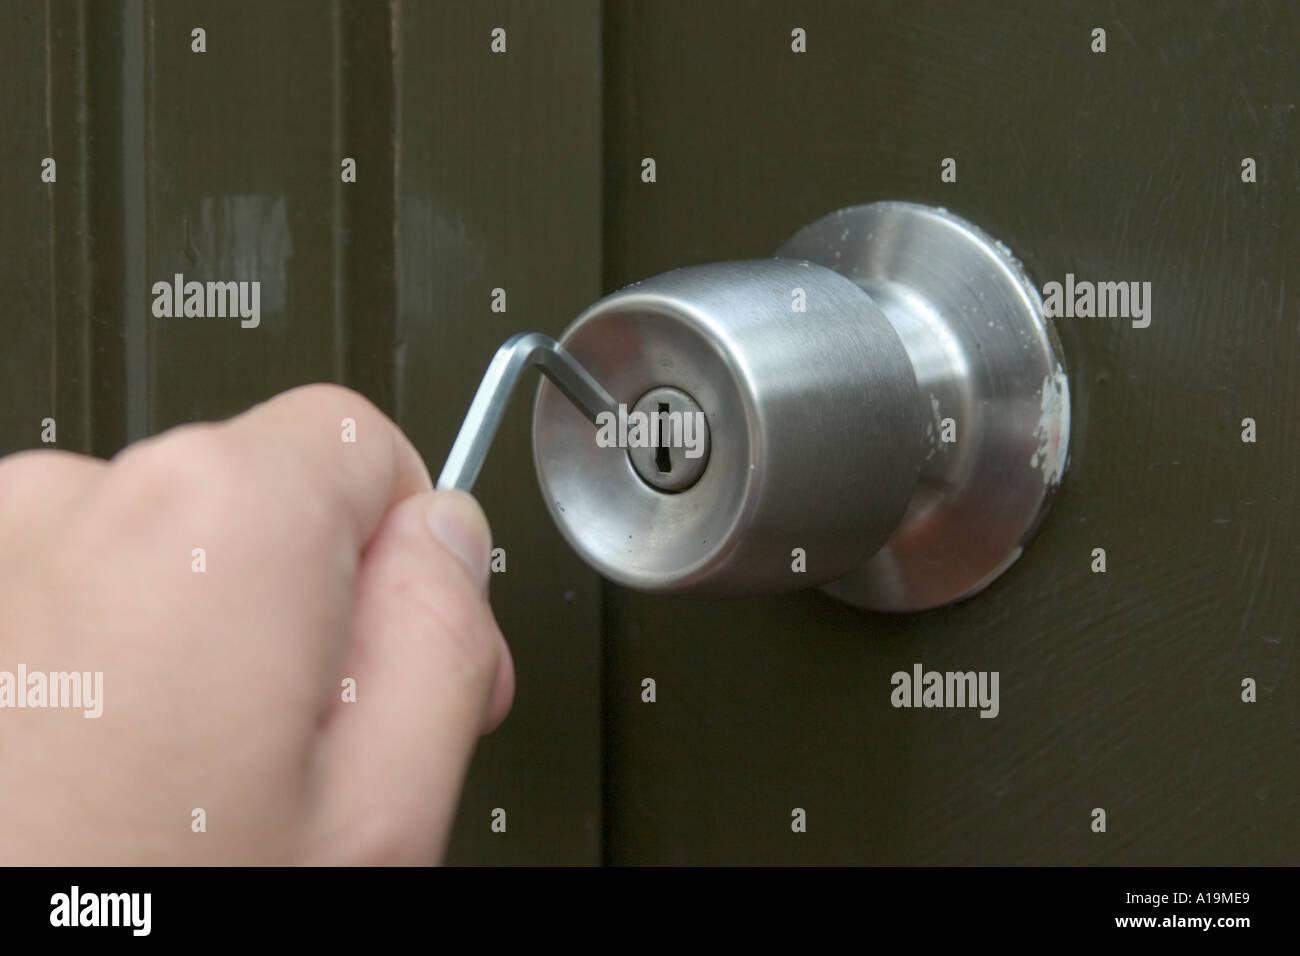 hand using allen key trying to open doorknob Concept Not